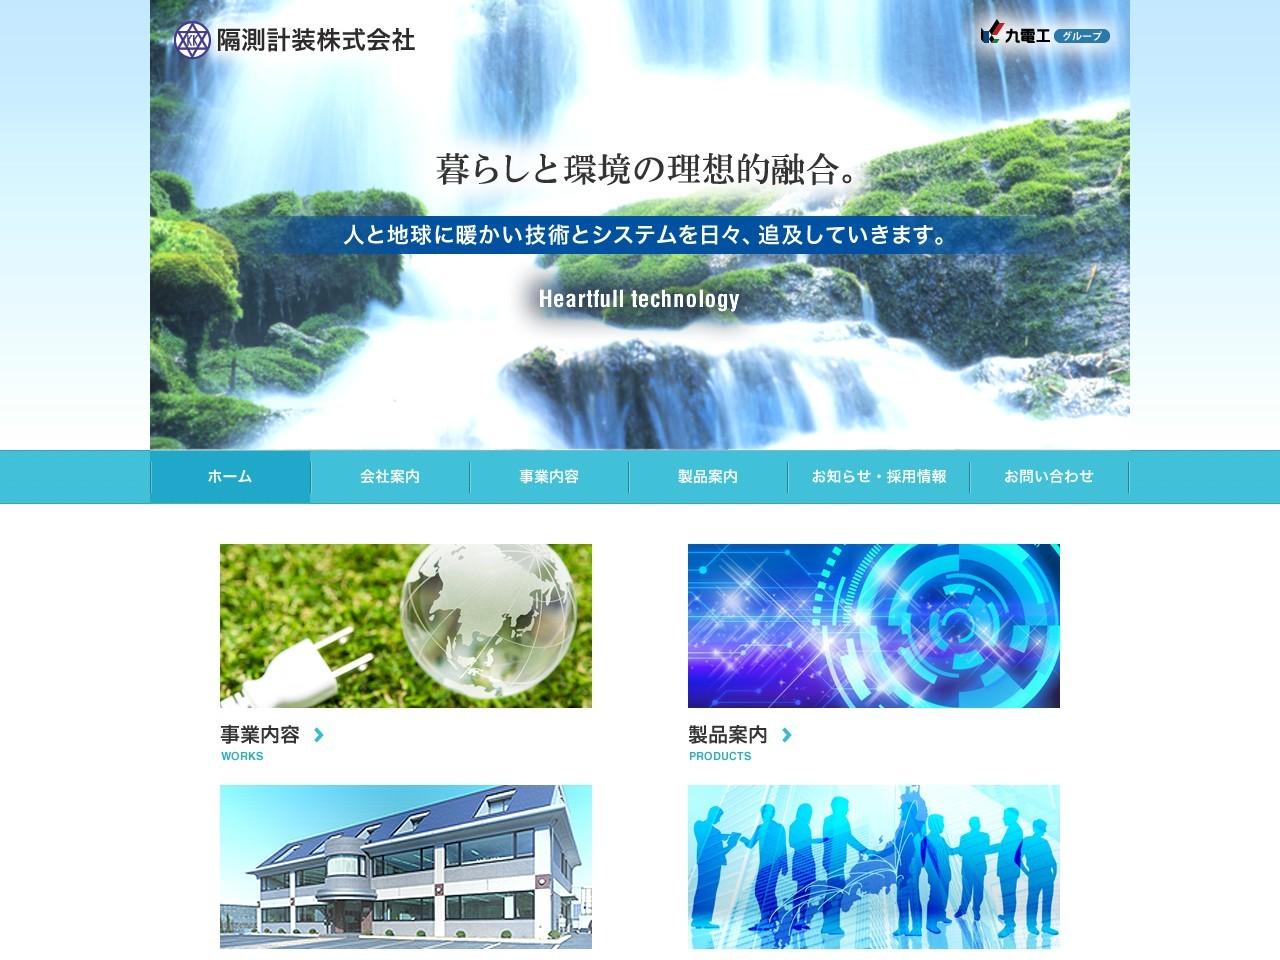 隔測計装株式会社熊本営業所